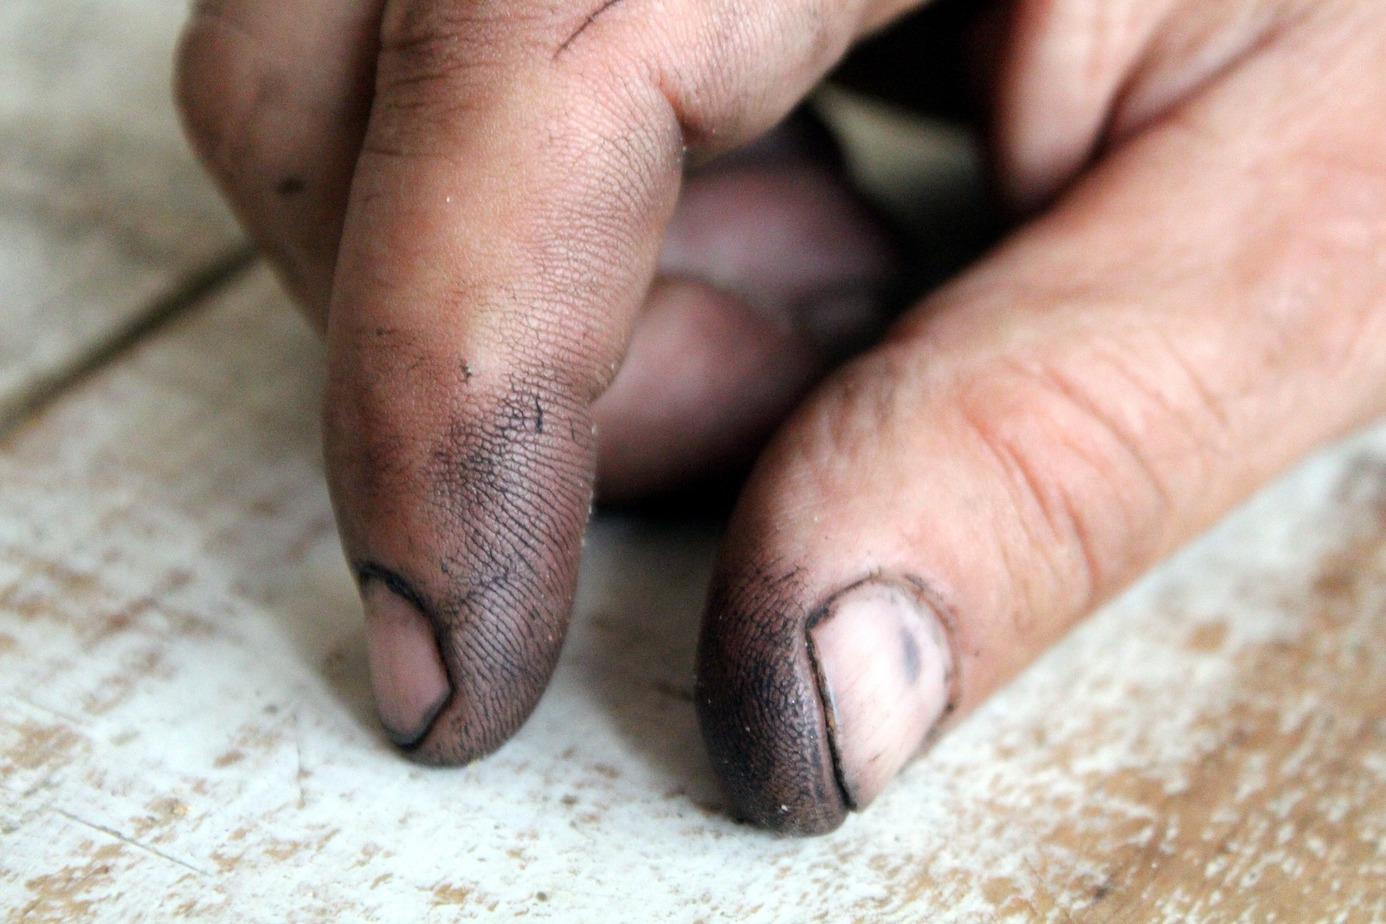 """Ein Bild des Grauens: Dreckige Finger(nägel). Wenn man ohne Handschuhe im Garten wühlt, ist es na-türlich klar, dass die Hände so aussehen. Aber warum sammelt sich eigentlich bei manchen Menschen ständig Schmutz unter den Nägeln an, selbst wenn sie nichts """"Dreckiges"""" getan haben? Foto: Ulrike Mai/pixabay.com"""